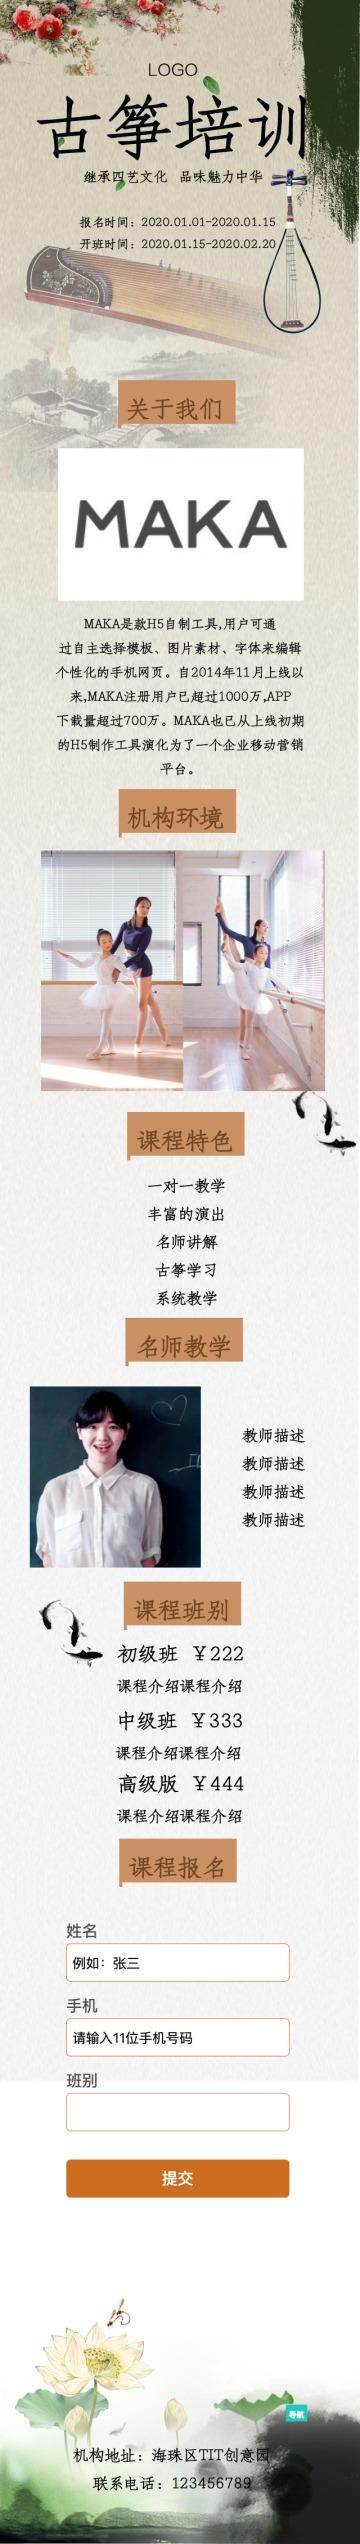 中国风古风文艺教育培训古筝艺术培训招生介绍推广单页